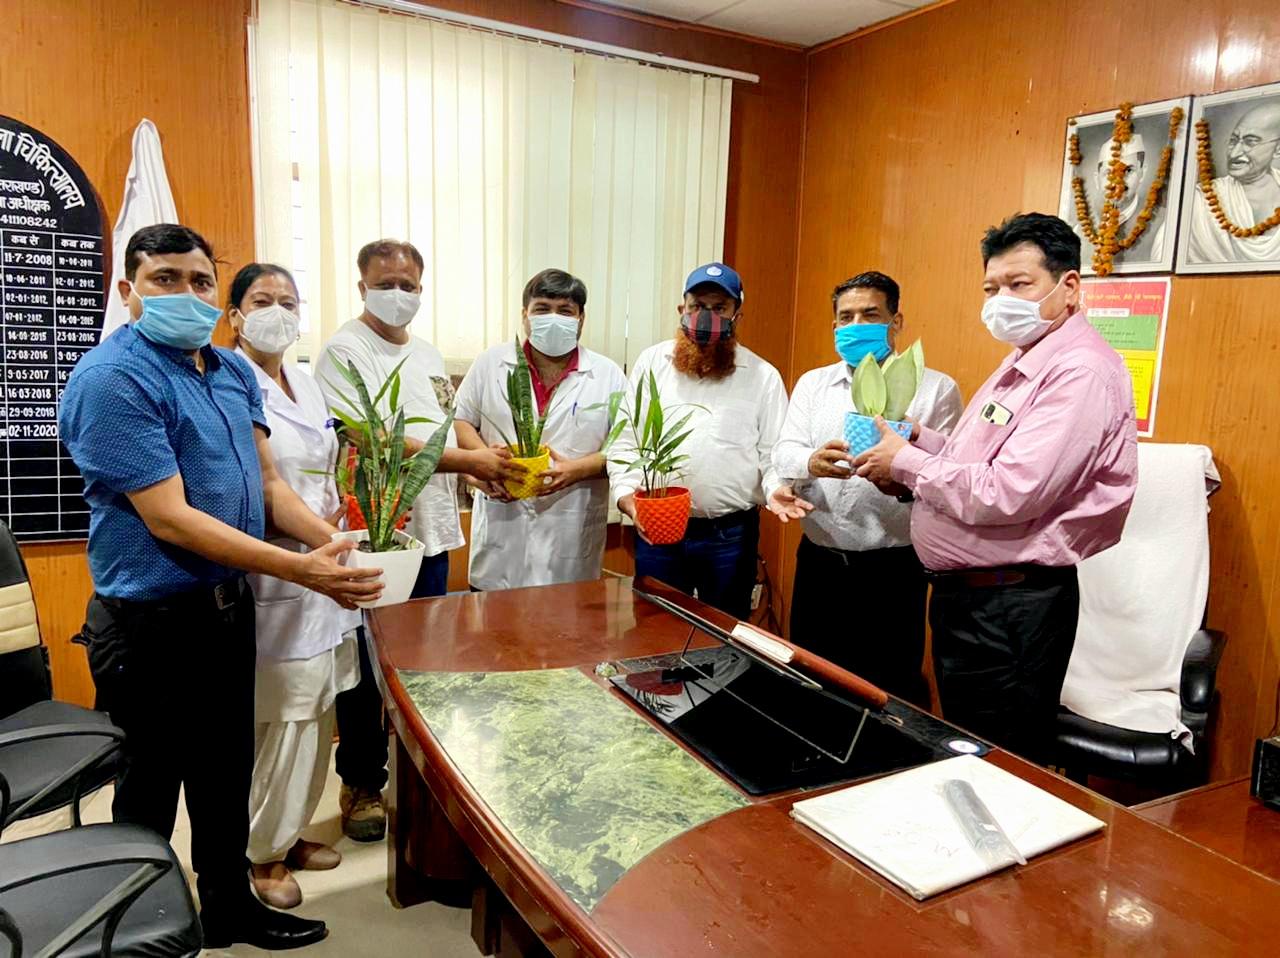 व्यापार मंडल ने किया जिला अस्पताल एवं मेडिकल कॉलेज में ऑक्सीजन इनडोर प्लांट का वितरण